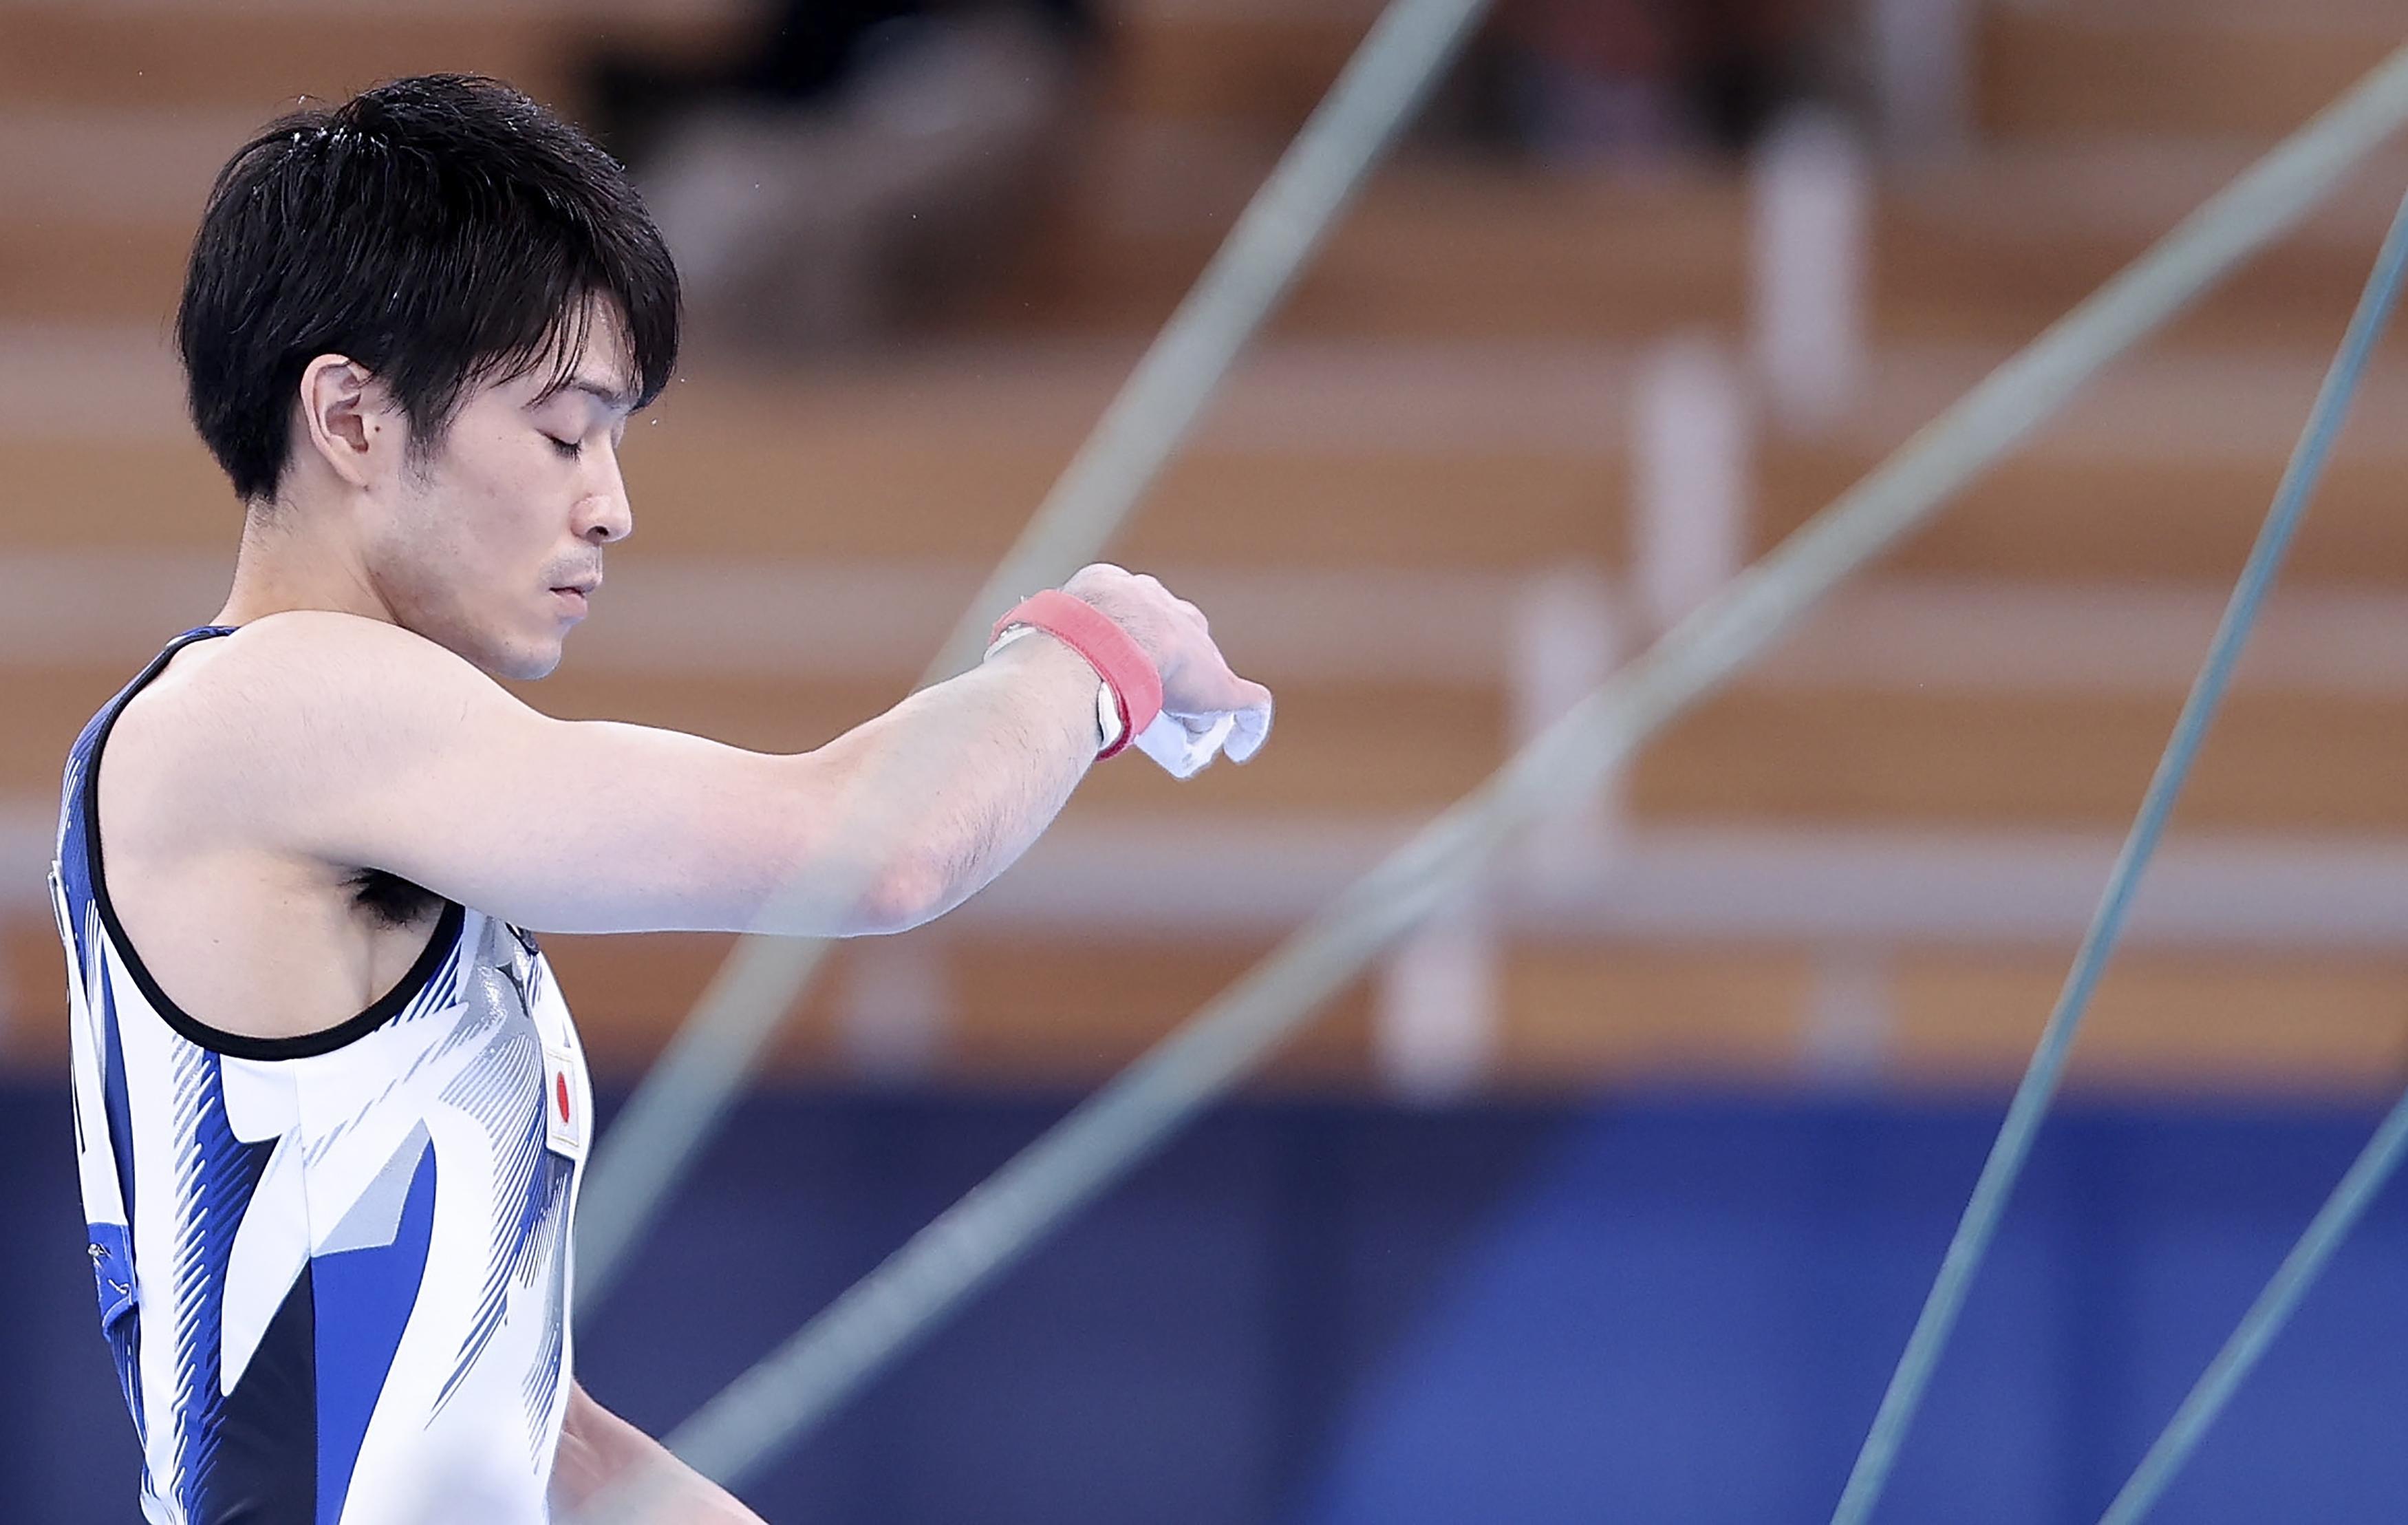 日本选手内村航平在比赛前。新华社记者曹灿摄